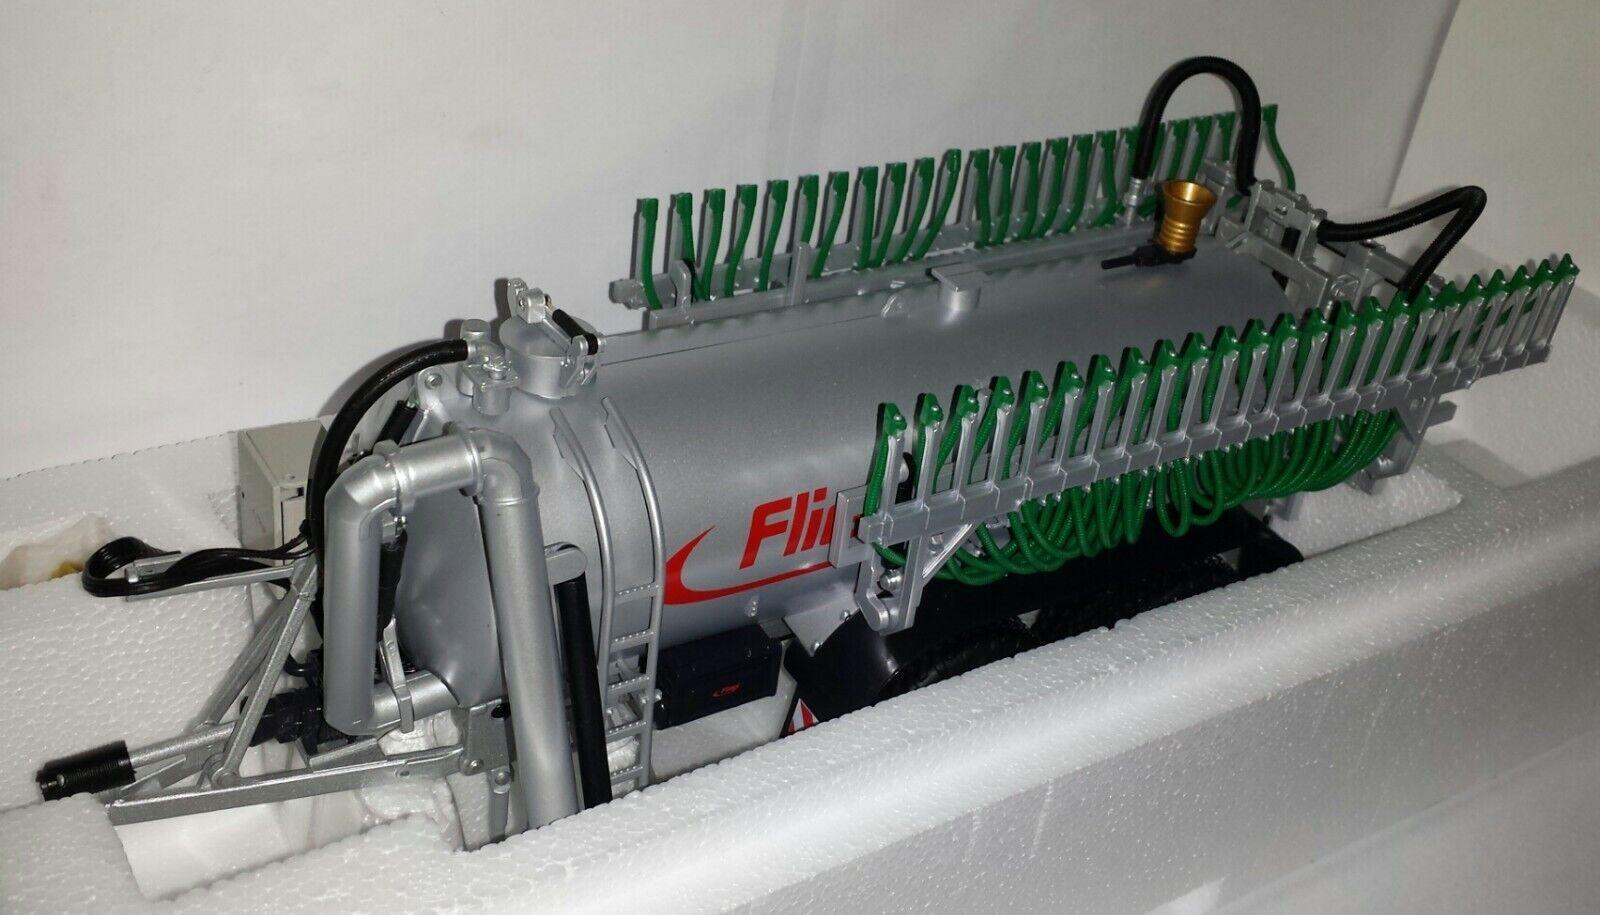 WIKING 1 32 Fliegl VFW Profiline met Sleepslangbemester nieuw in  verpakking  acheter 100% de qualité authentique